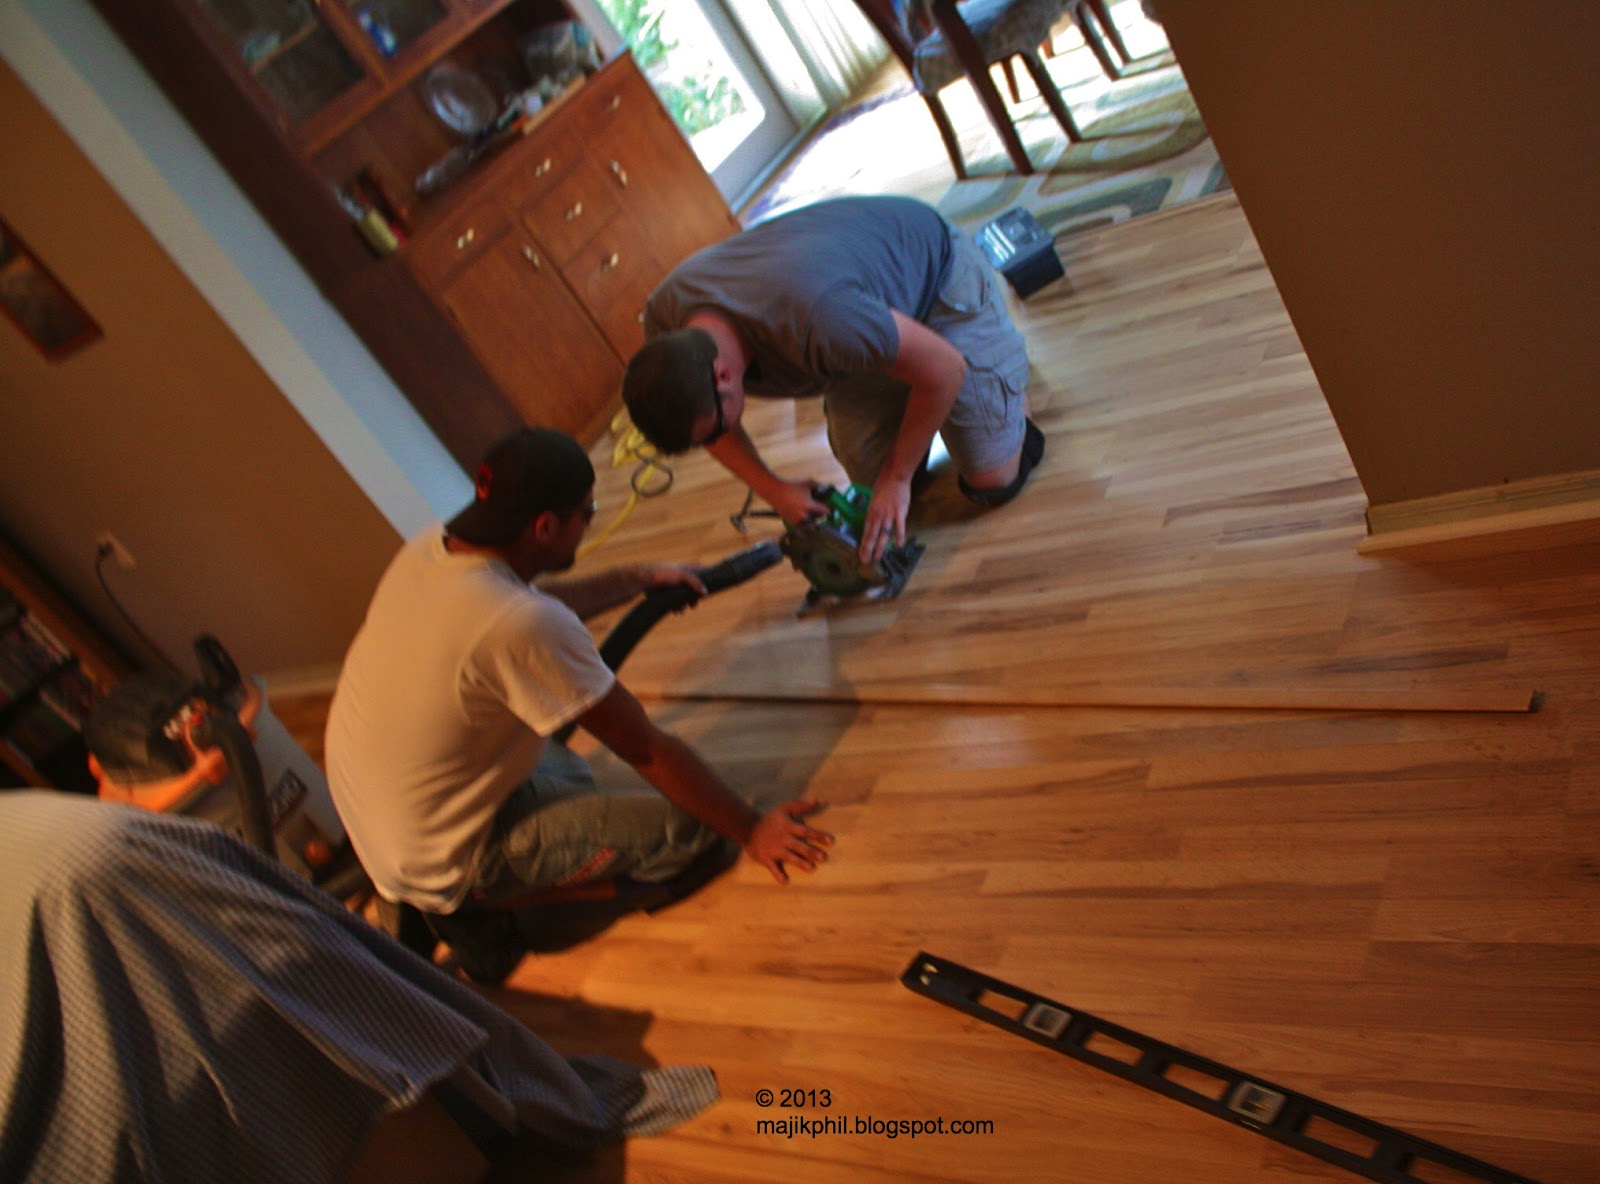 Repairing Laminate Flooring